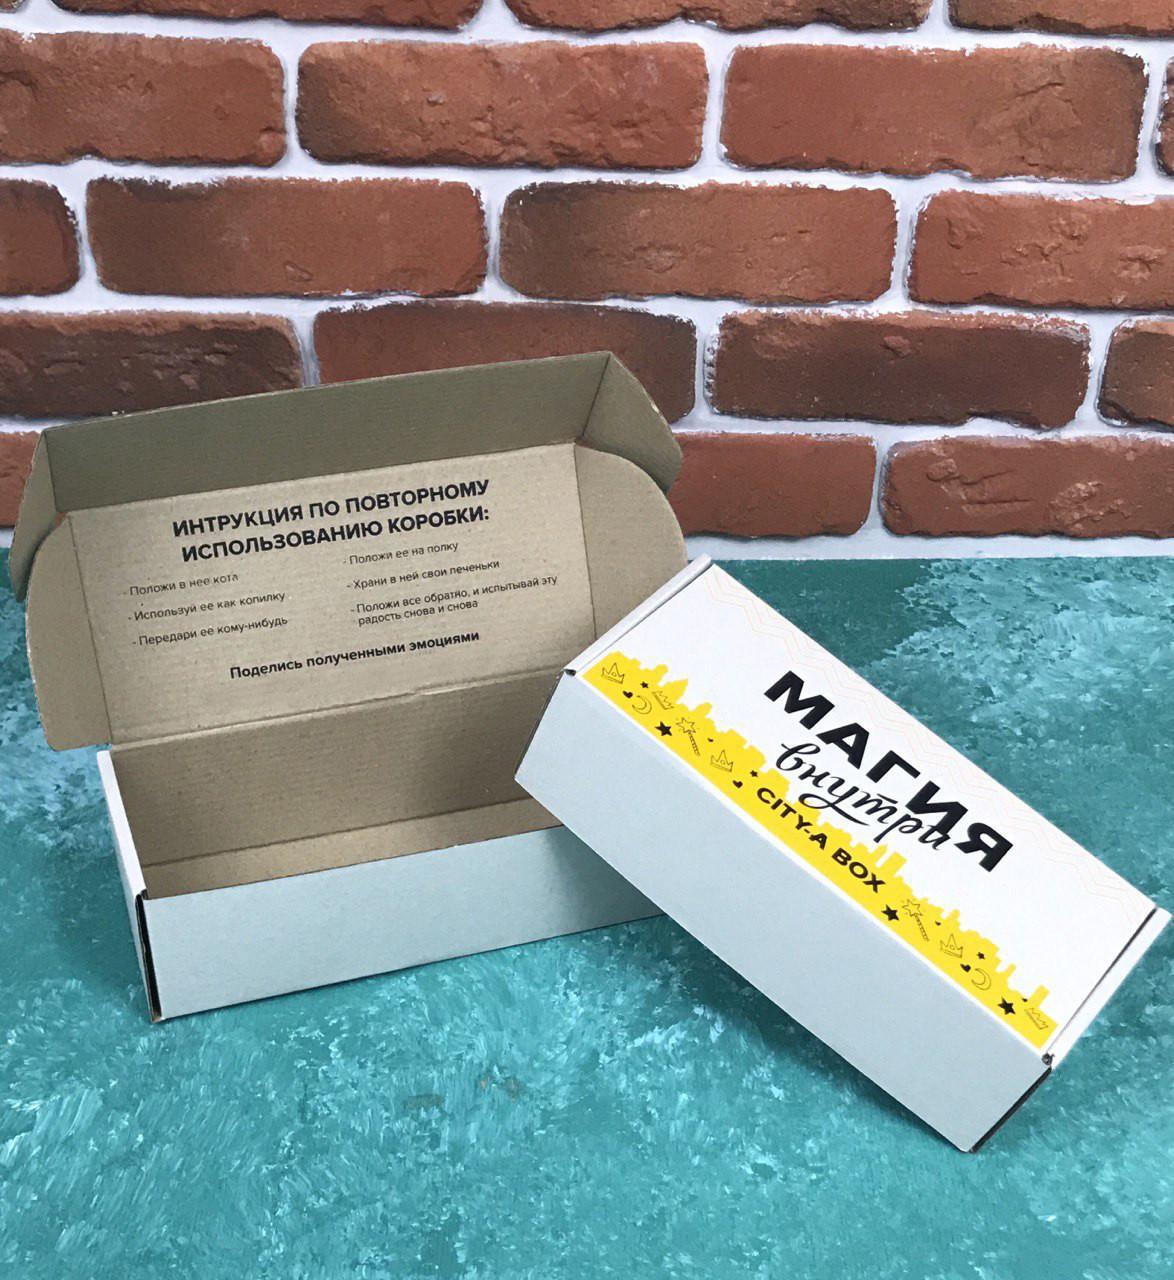 Коробка 205х90х60 City-A.BOX Магия Внтури